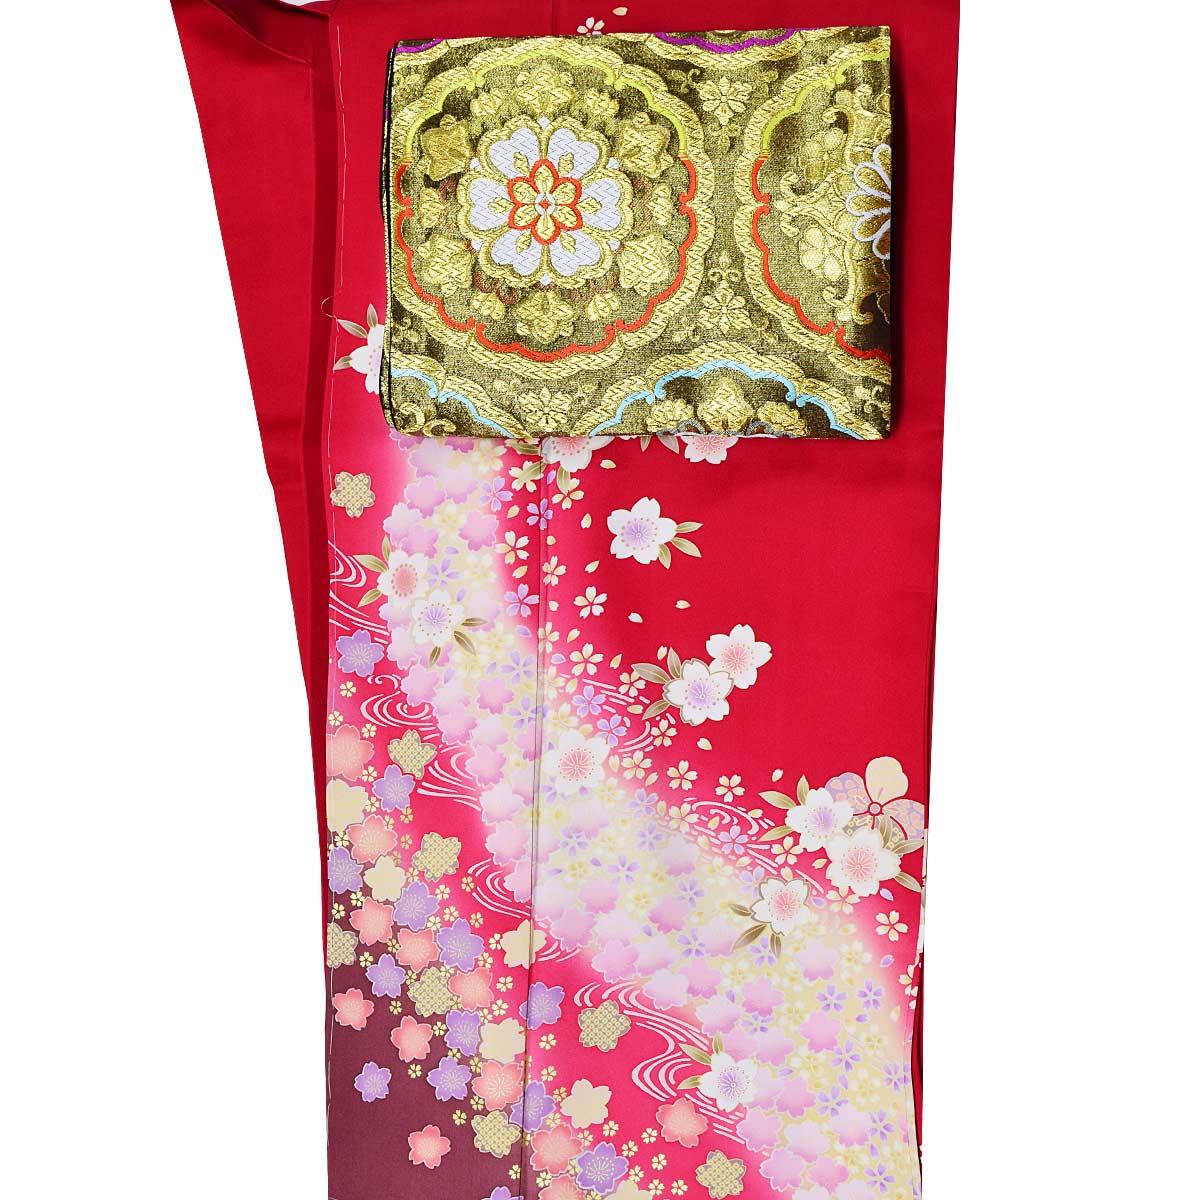 高級 仕立て上がり 振袖 単品成人式 結婚式 パーティー 礼装 赤 桜 花柄番号d401-10